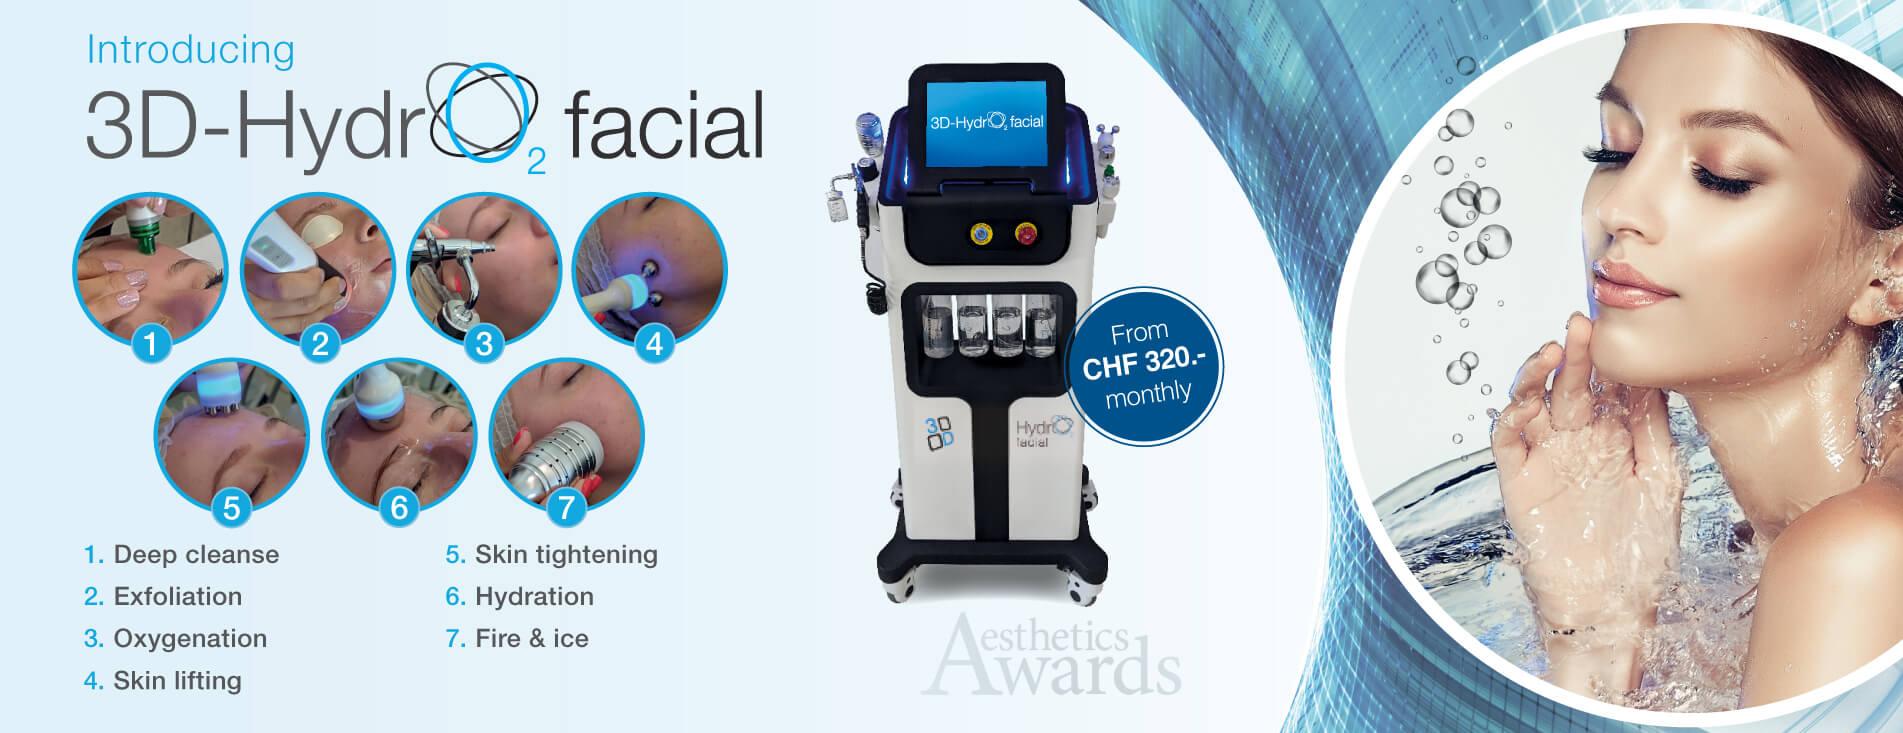 3D Hydr02 Facial EN